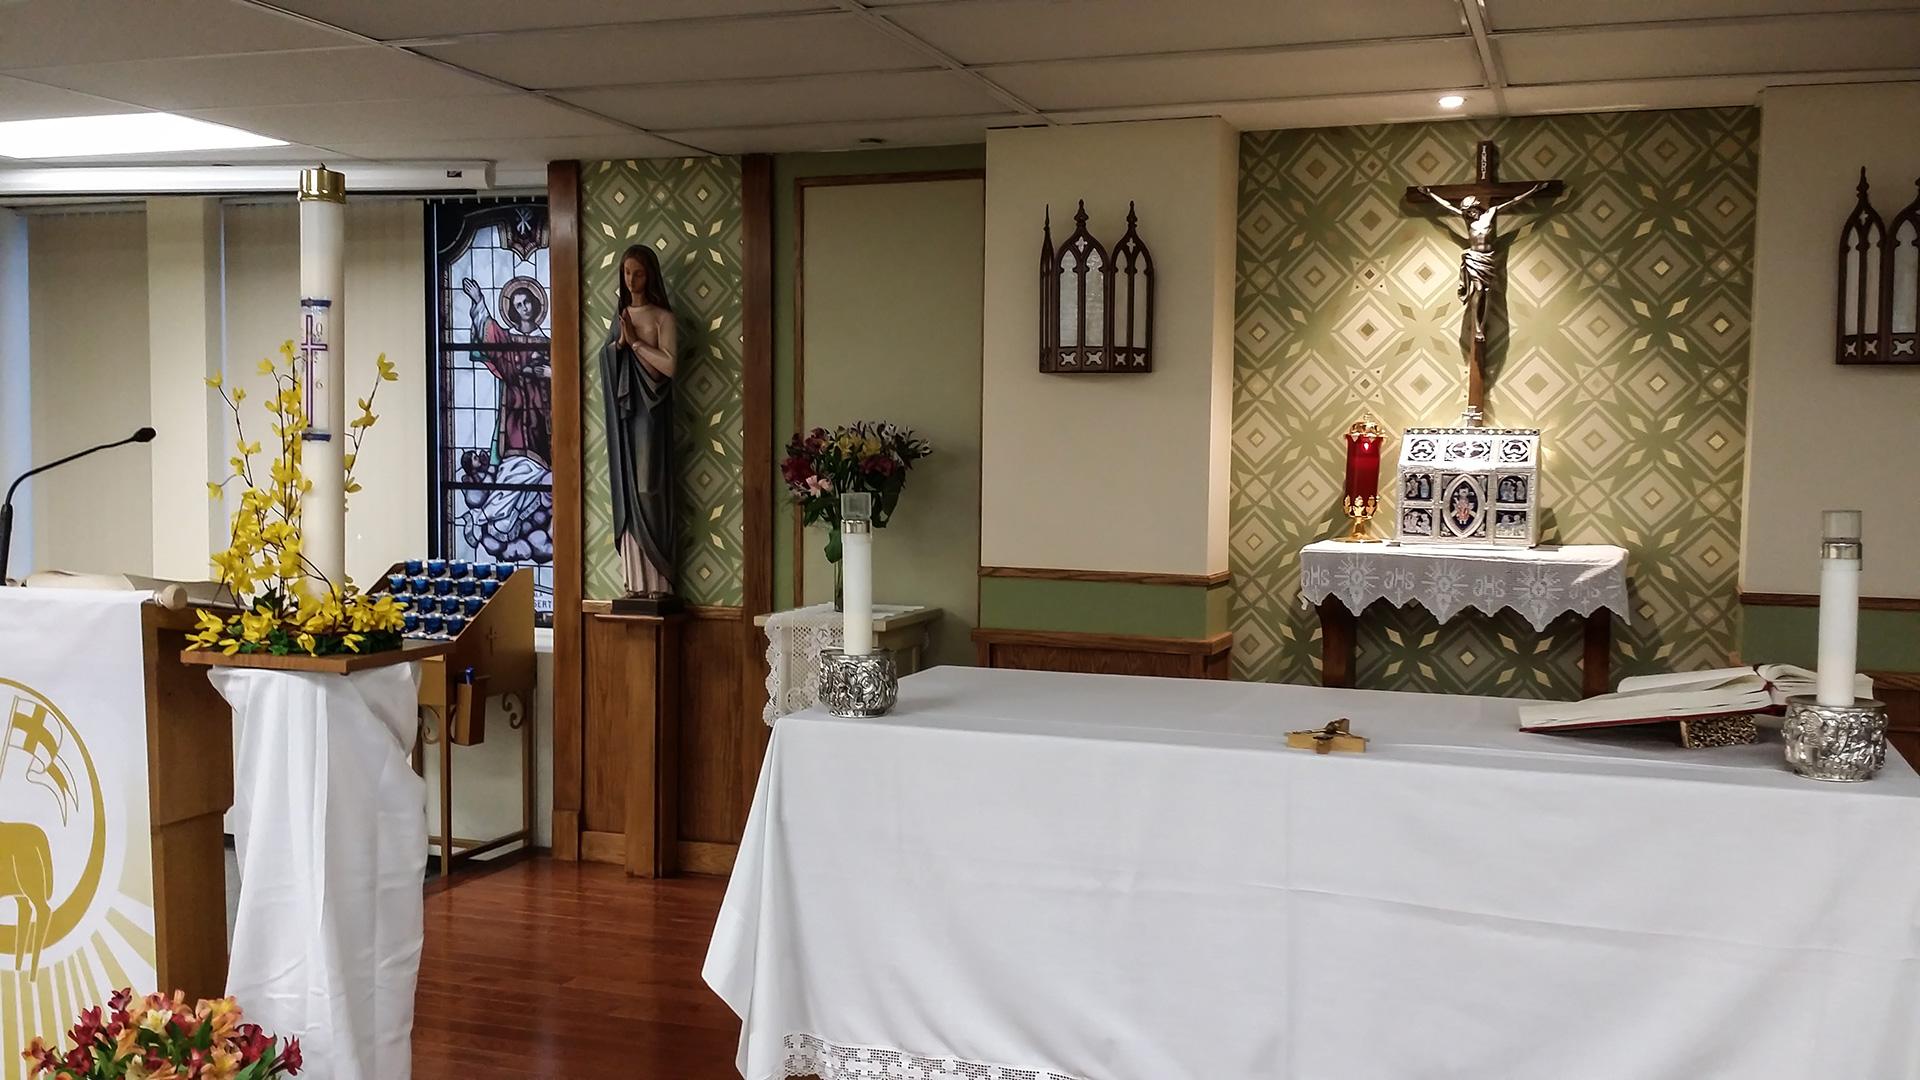 FPDR restoration, a sanctuary